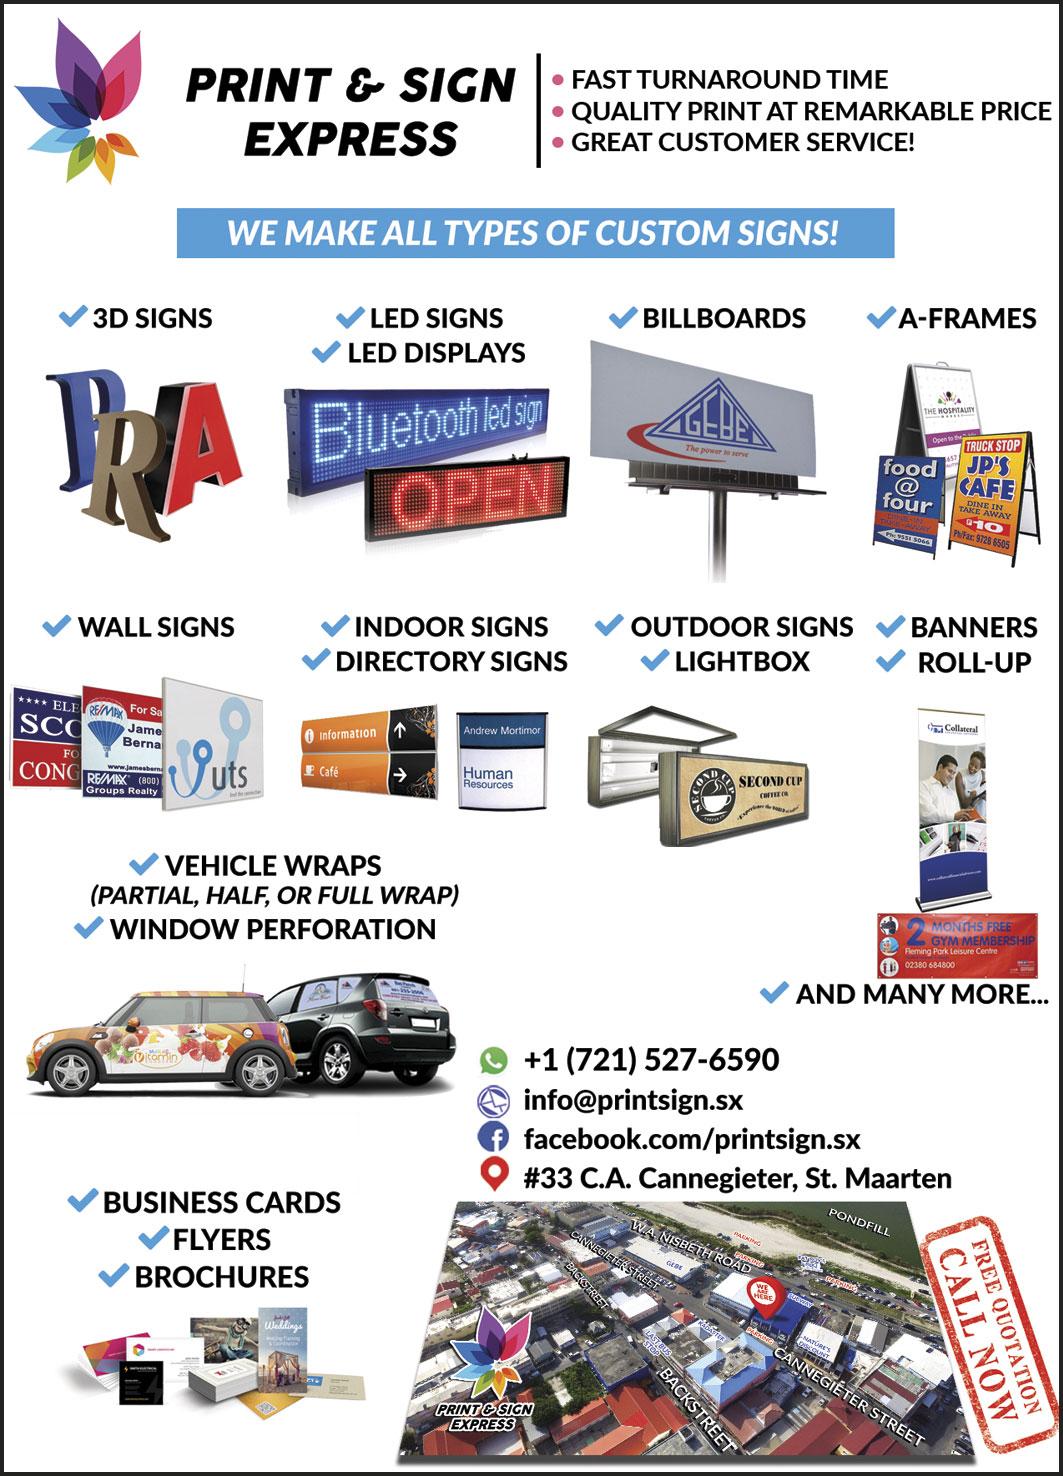 St Maarten Telephone Directory - Print & Sign Express